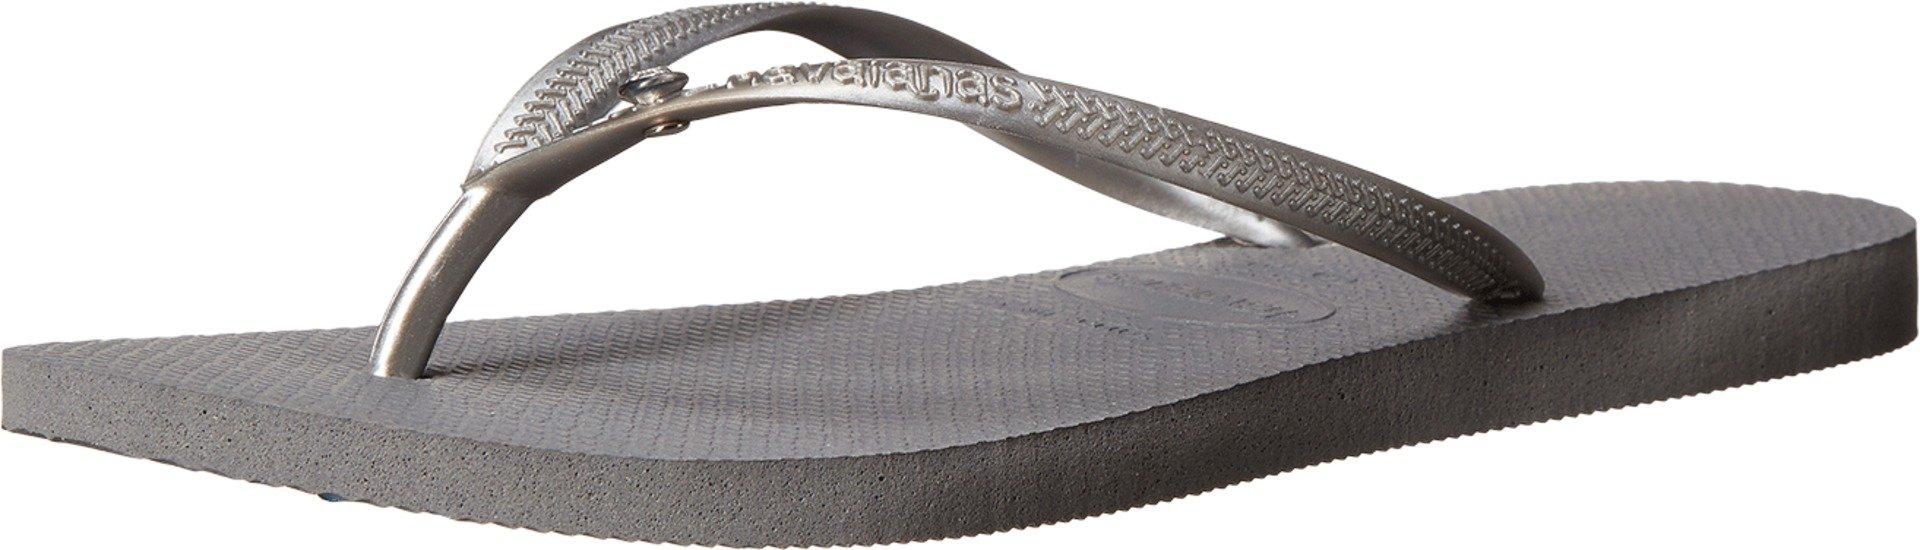 Havaianas Women's Slim Crystal Glamour SW Flip Flops Steel Grey Sandal 39/40 Brazil (US Men's 7/8, Women's 9/10) M